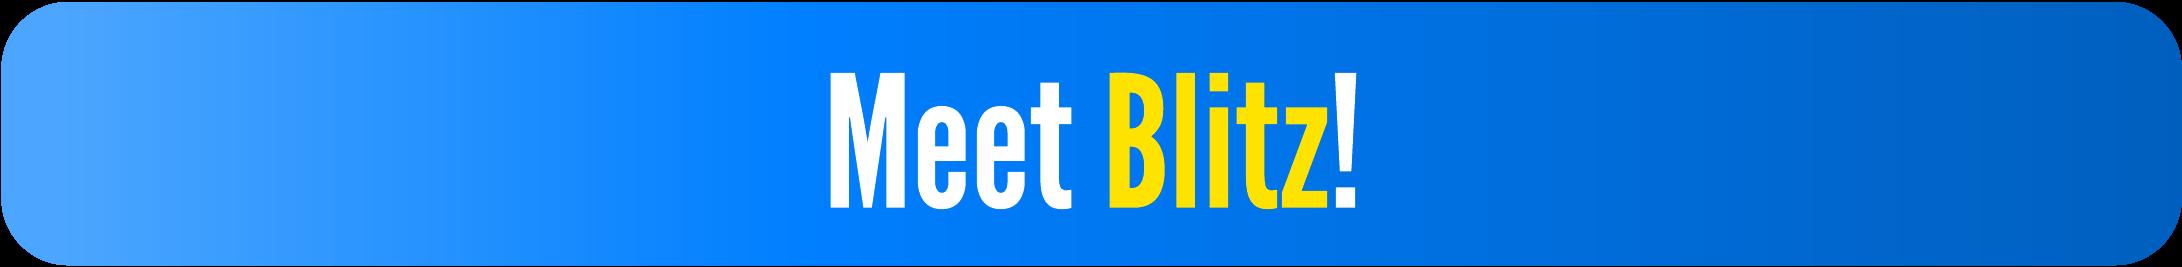 Meet Blitz!